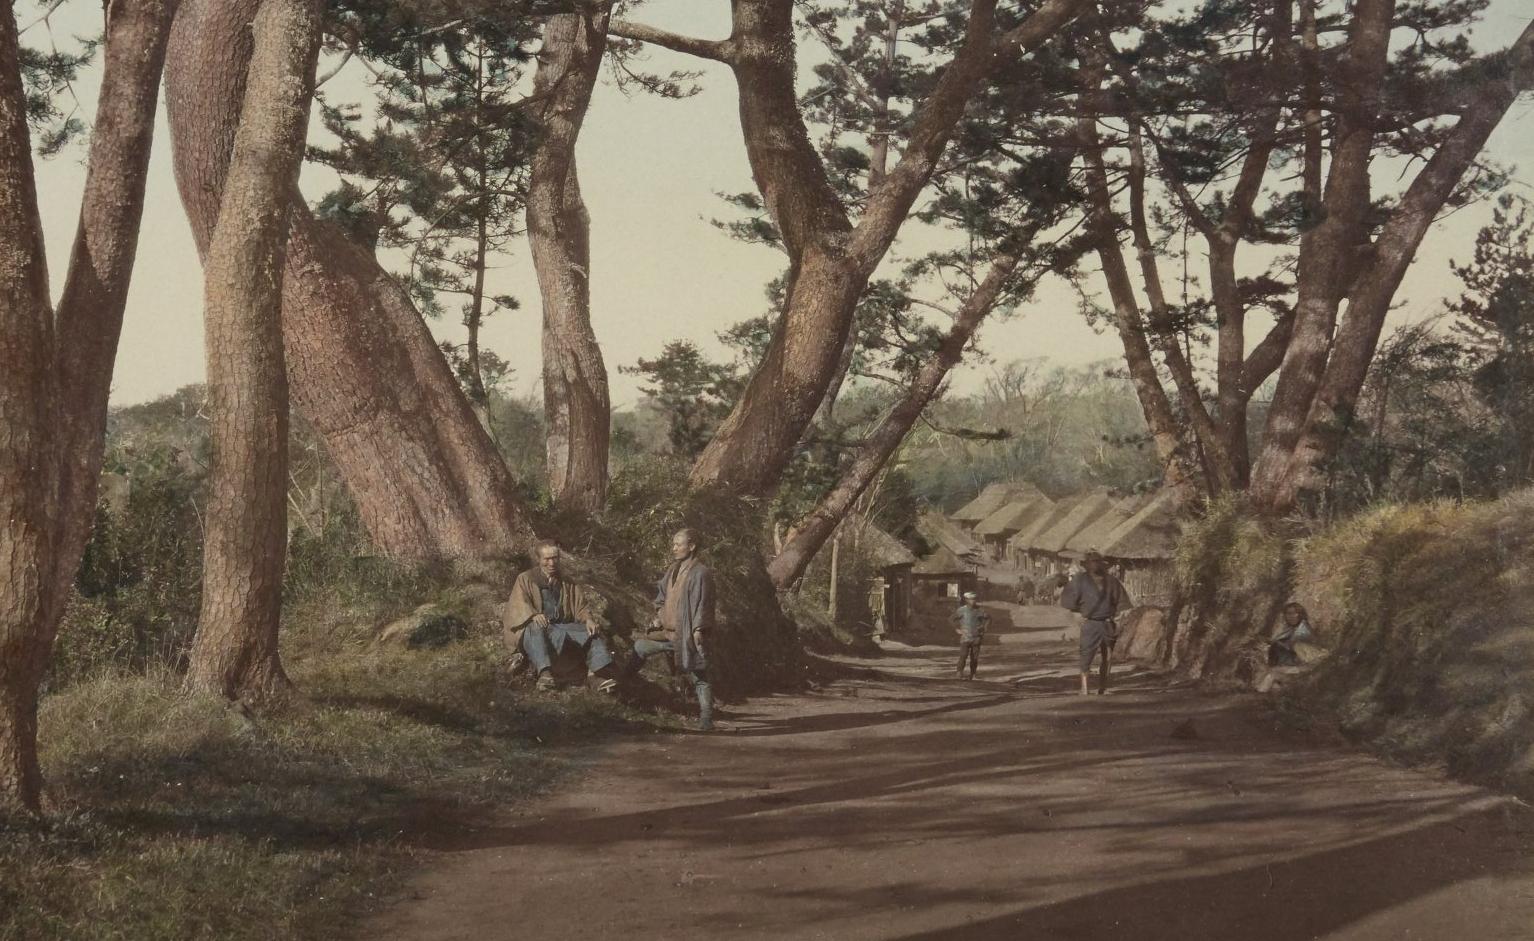 Tokaido / [Raimund von Stillfried ou Felice Beato], [s.d.] - Japonais / Stillfried & Andersen, 1877-1878. SG WD-232 (RES)